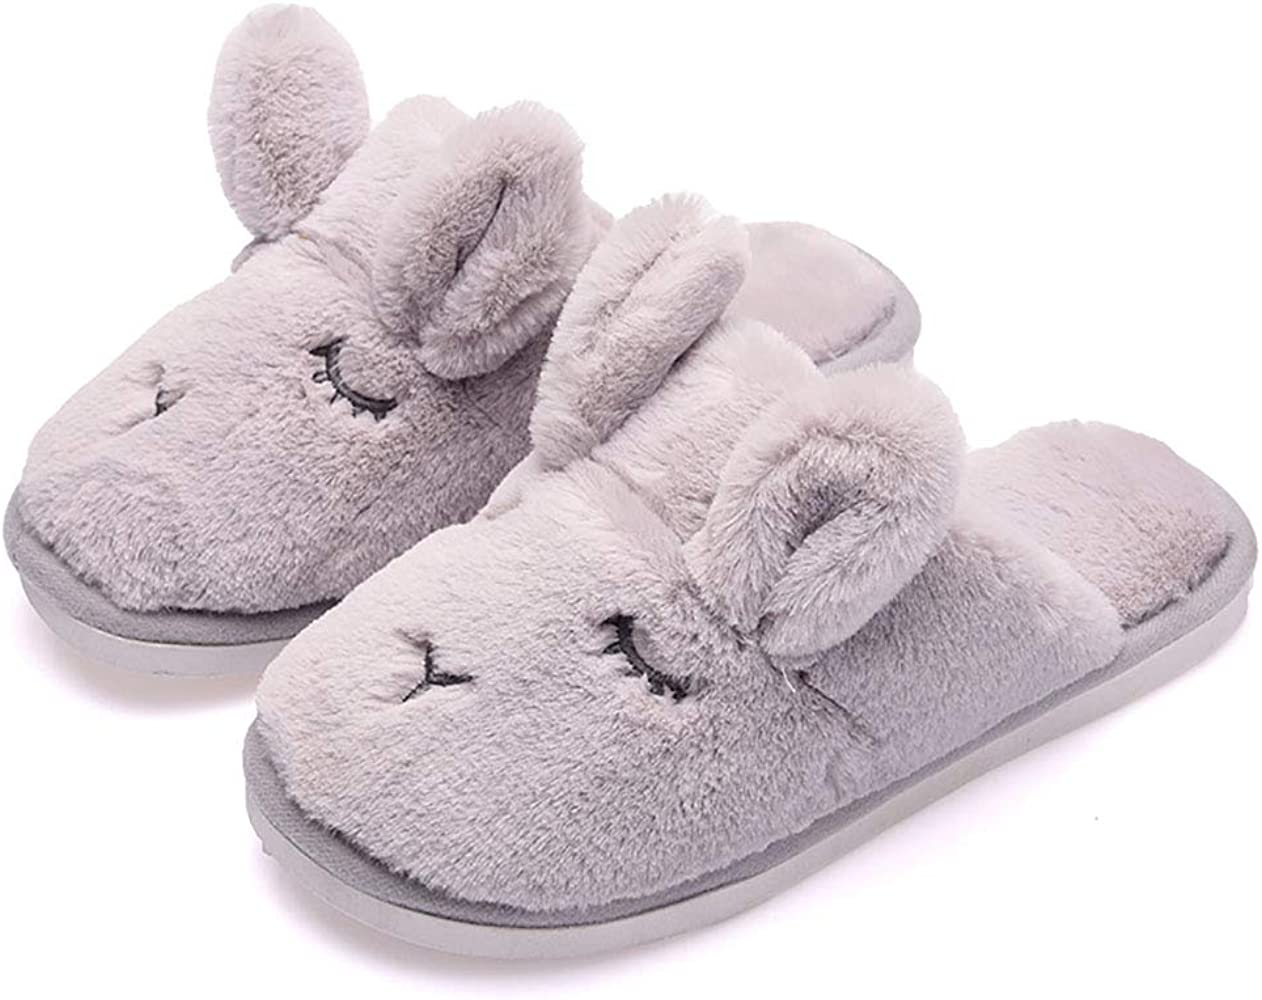 Zapatillas de estar en casa SAMs para hombre y mujer 47 TH-MK garras de monstruo zapatillas forradas 36